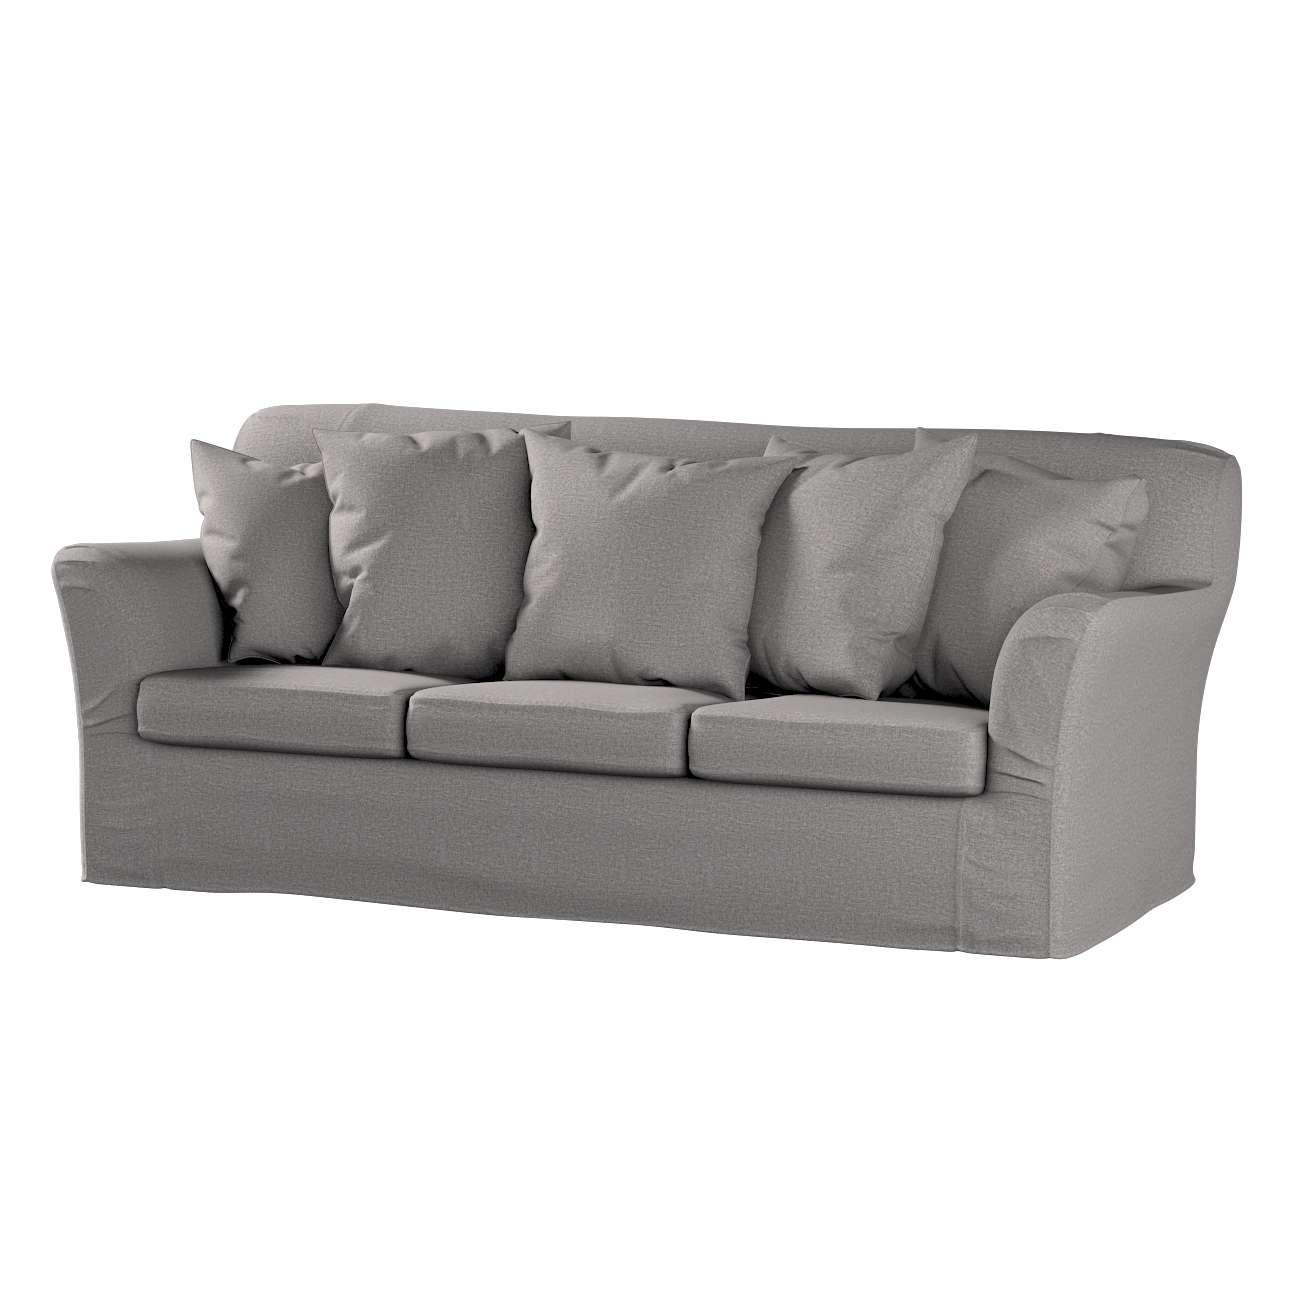 Pokrowiec na sofę Tomelilla 3-osobową nierozkładaną Sofa Tomelilla 3-osobowa w kolekcji Edinburgh, tkanina: 115-81